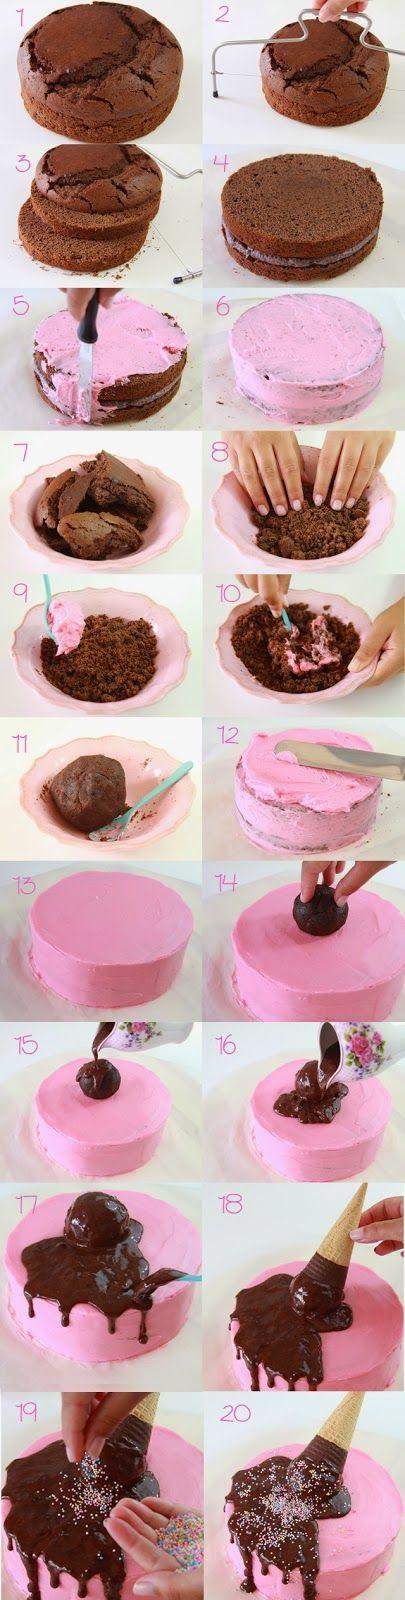 como fazer bolo sorvete glacê                                                                                                                                                                                 Mais